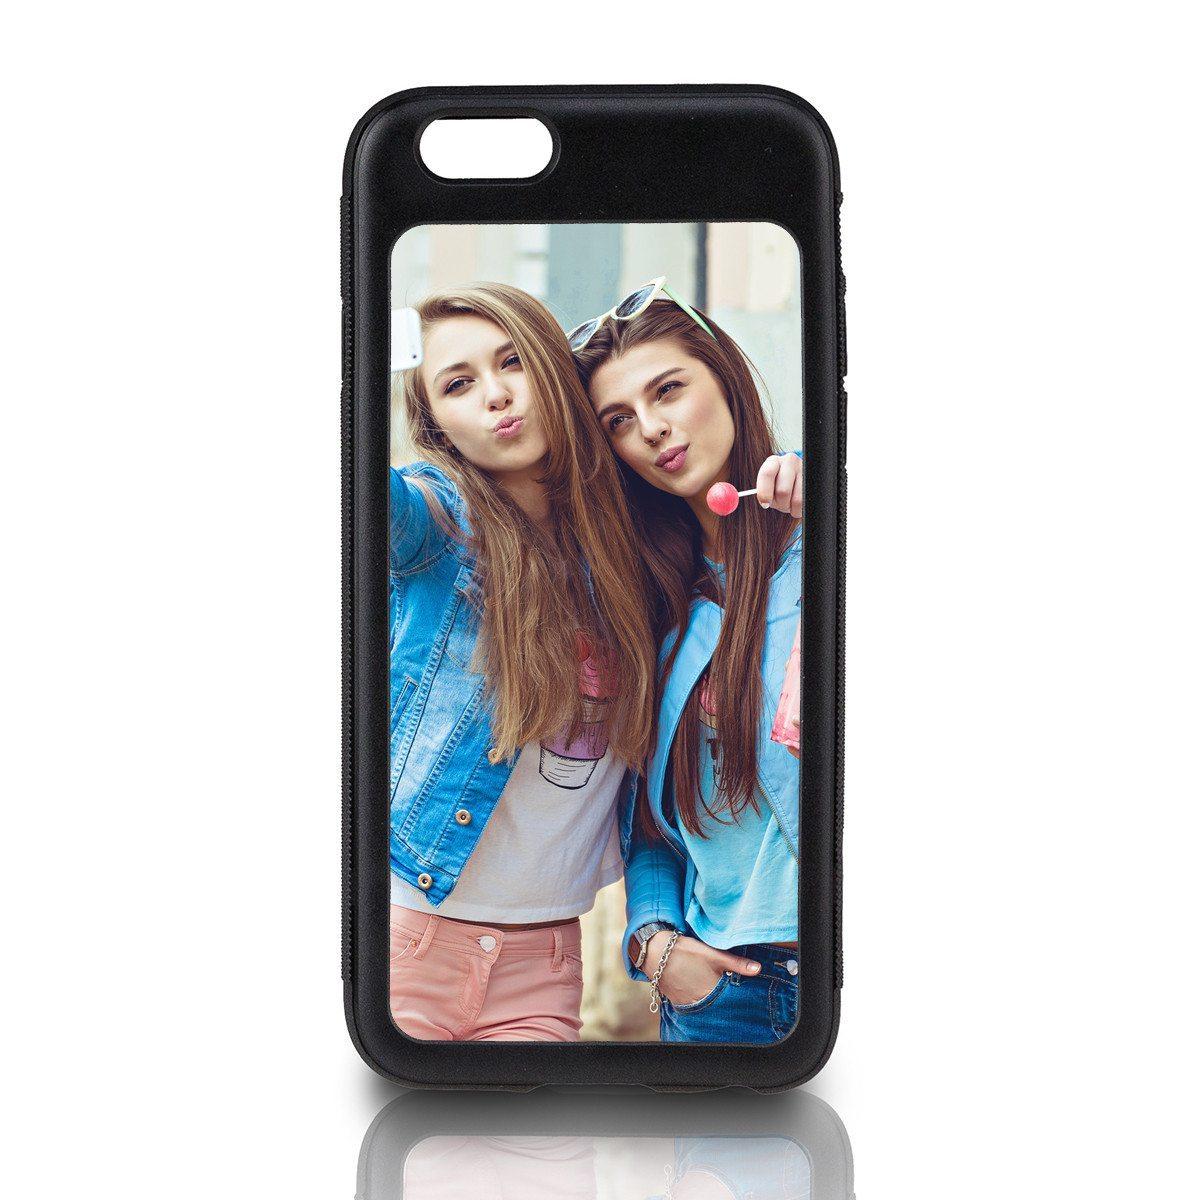 Schwarzes iPhone-6-Cover bedrucken